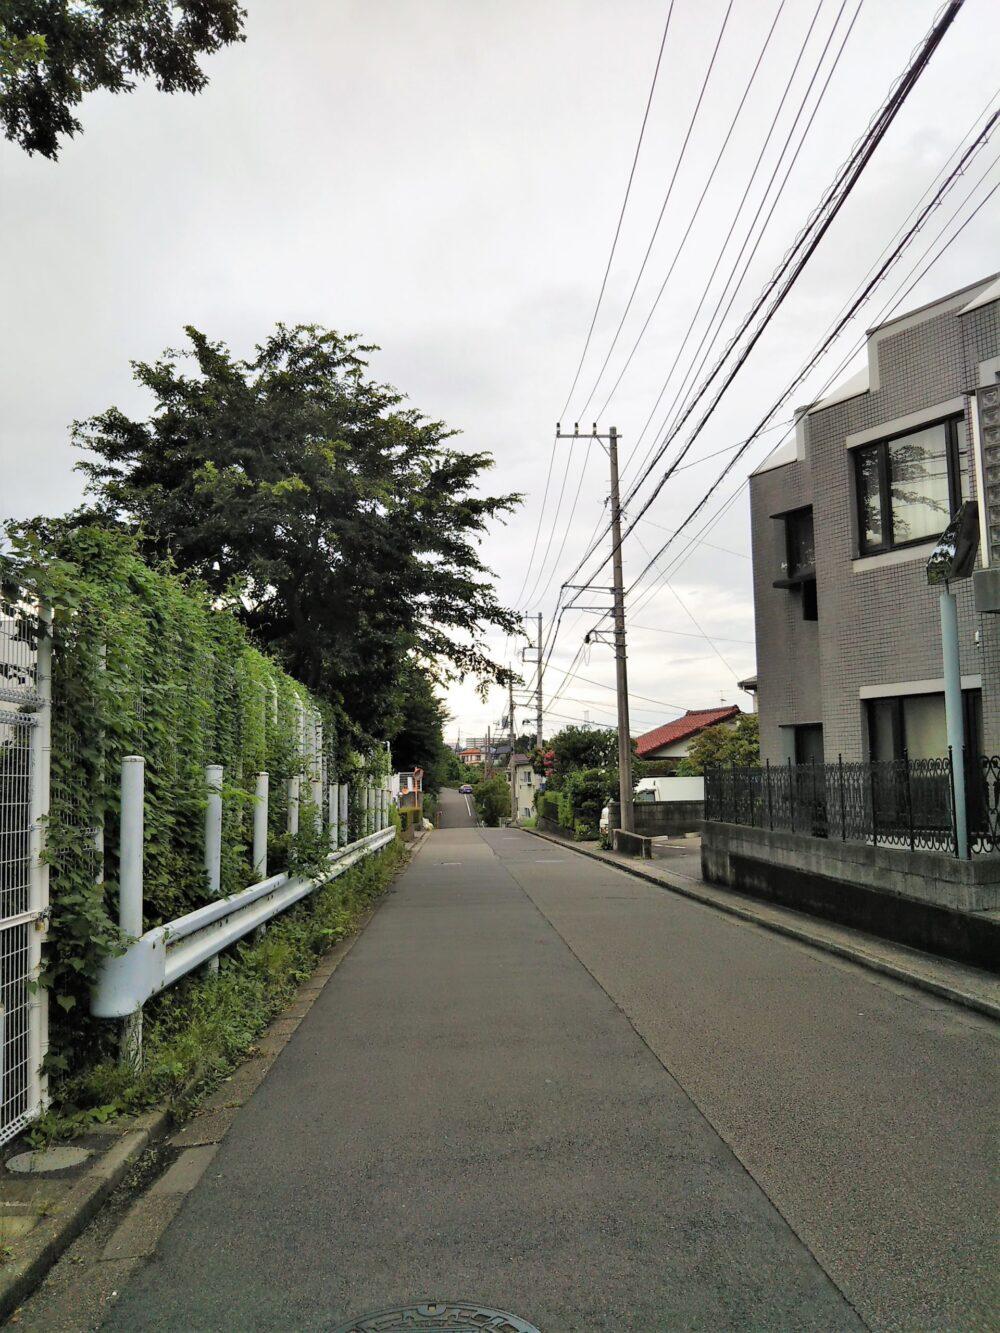 長津田倉庫から長津田検車区へ続く道路